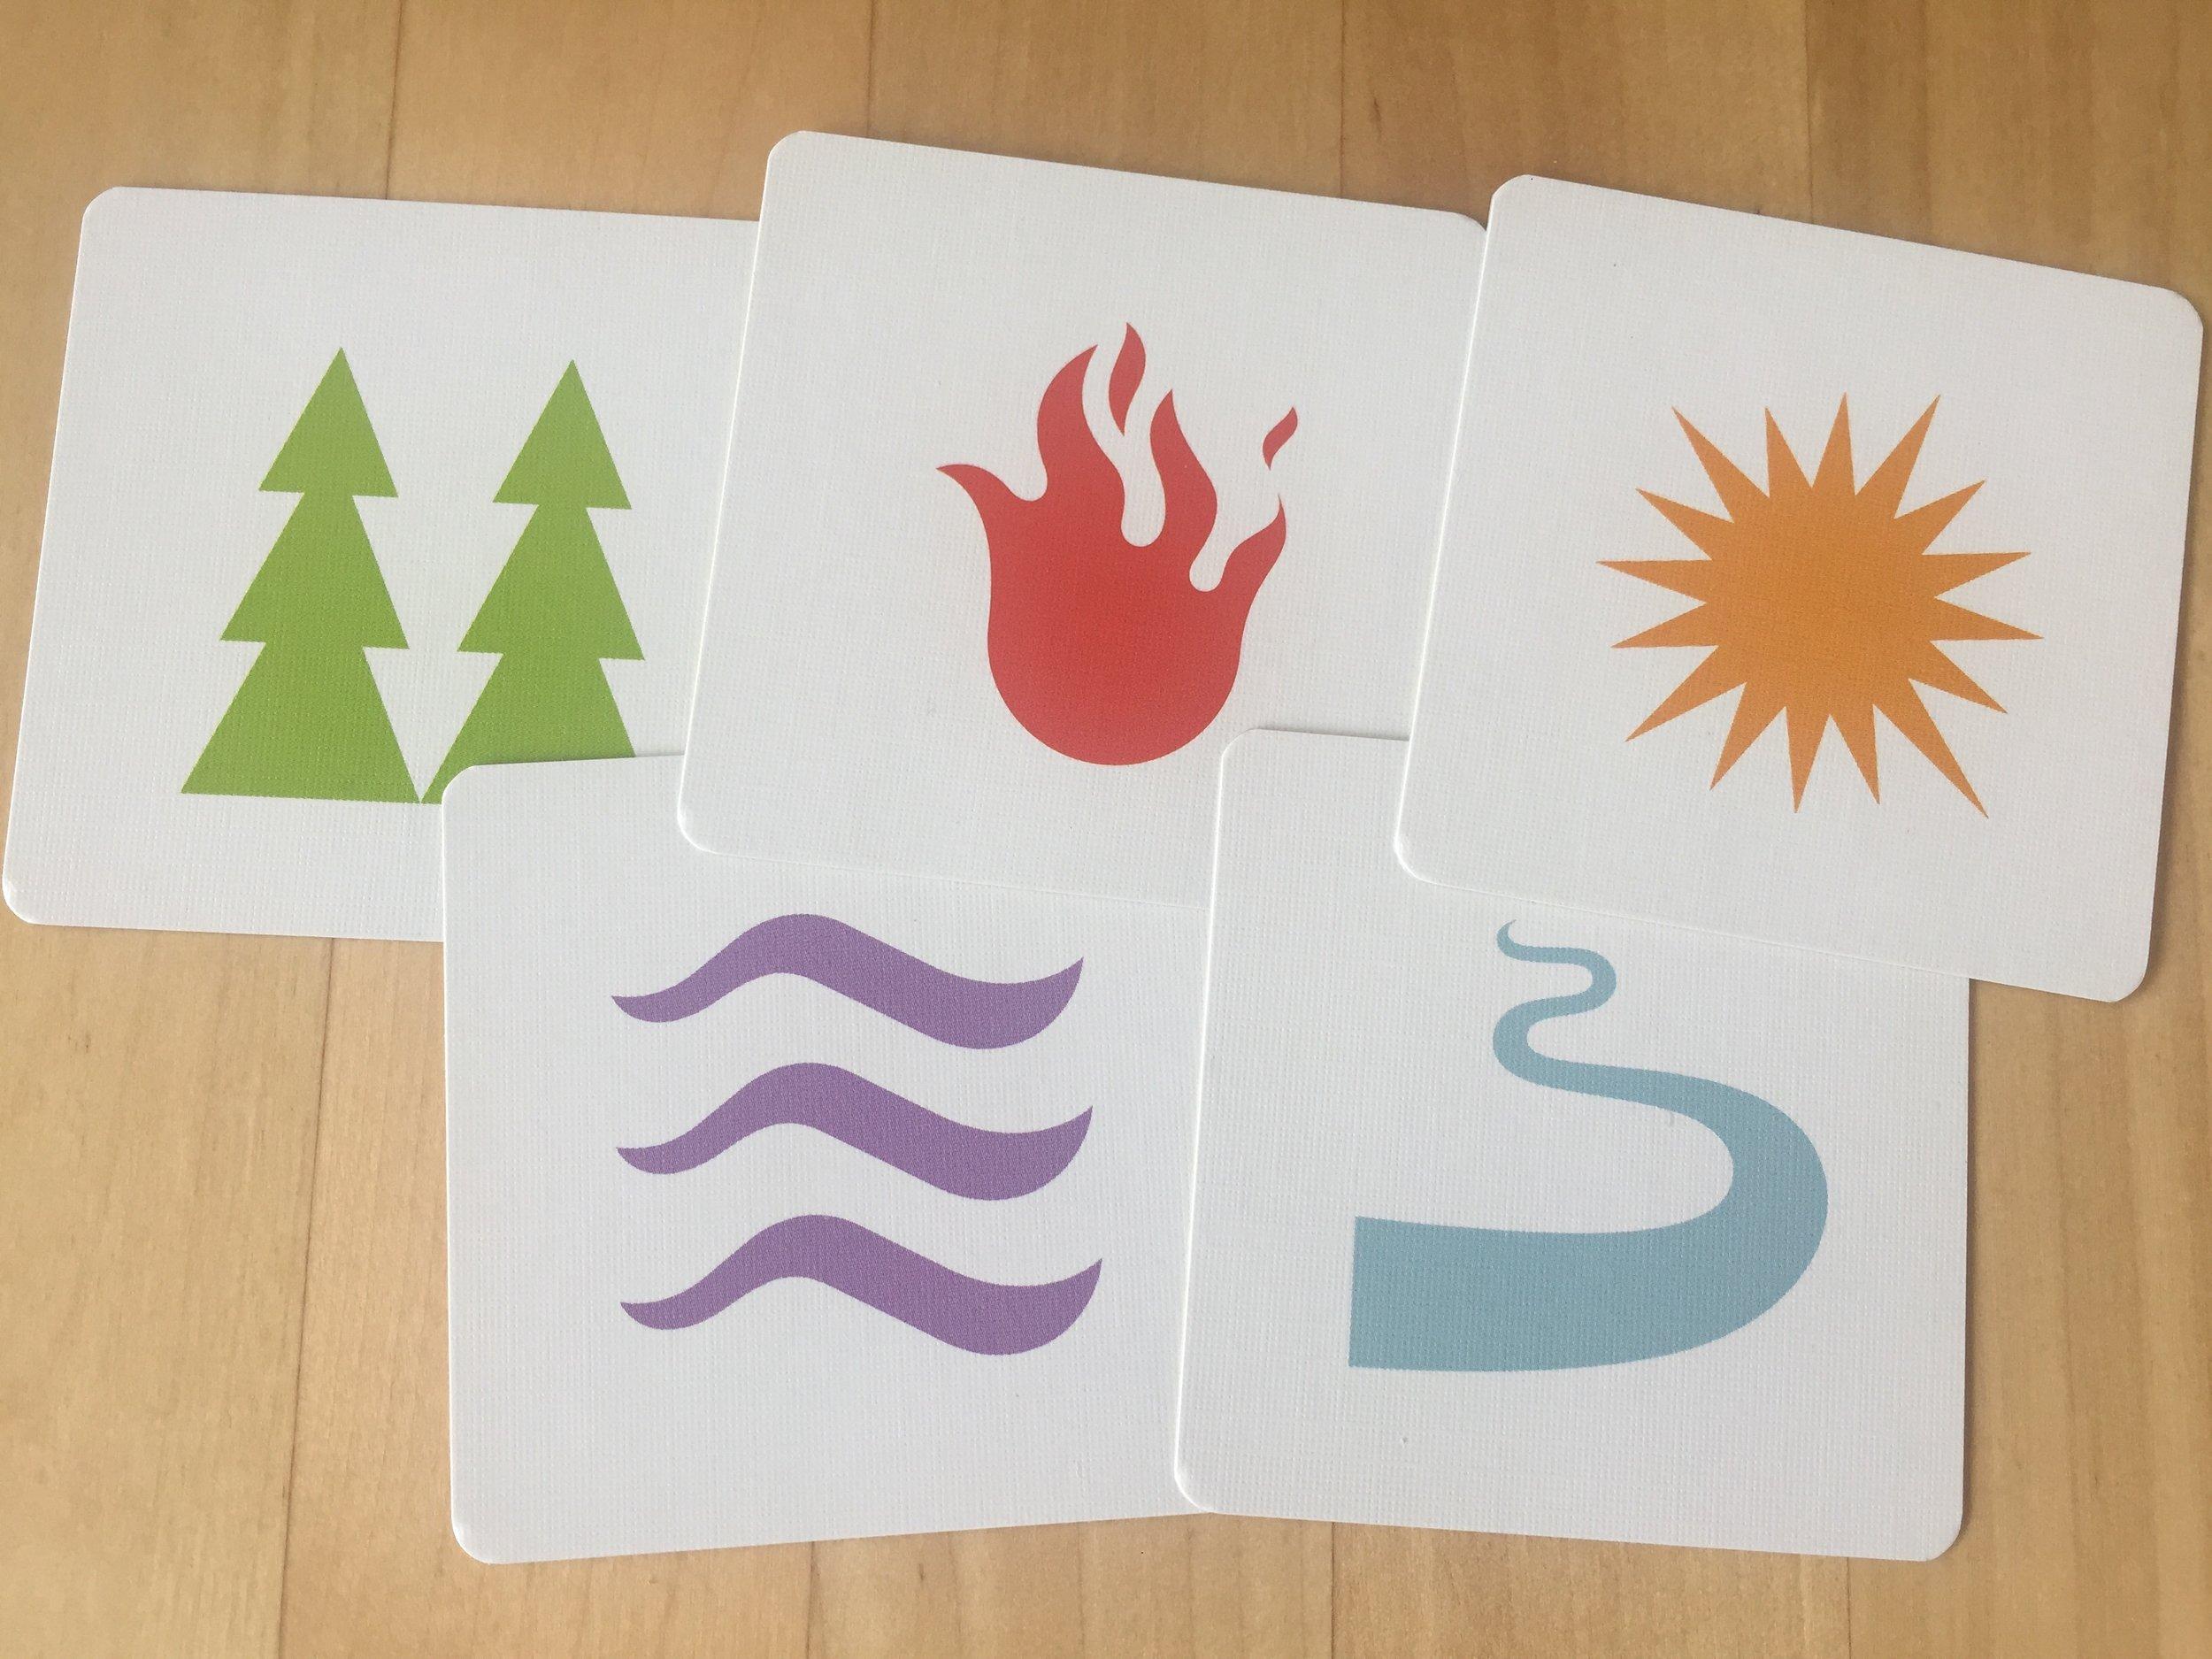 Earth! Fire! Wind! Water! Solar Energy!